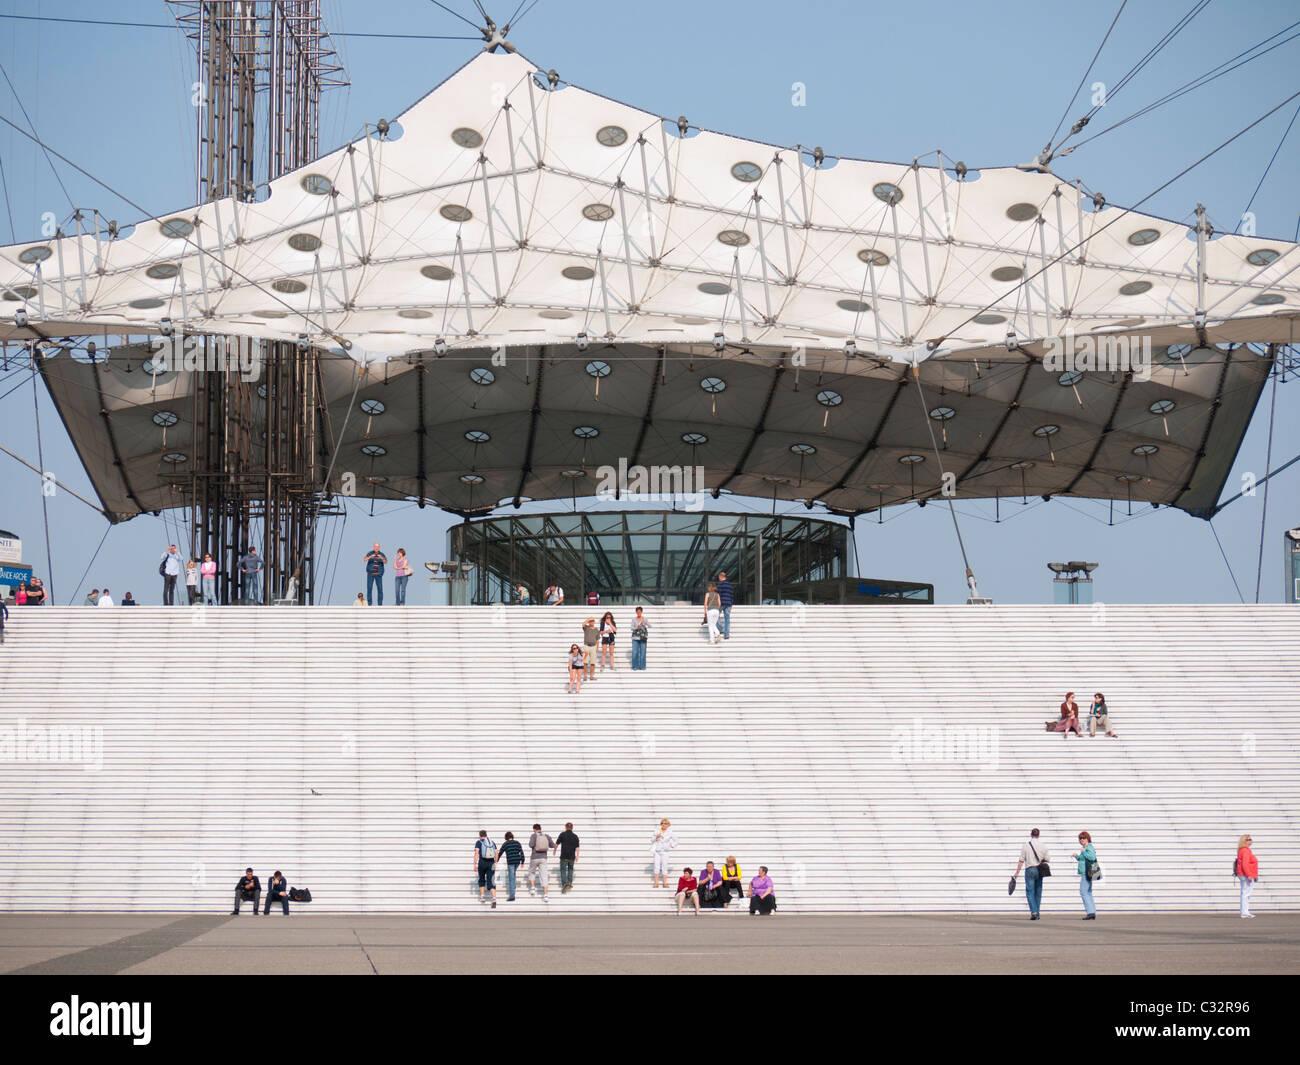 La Grande Arche in the La Defense district of Paris in France - Stock Image